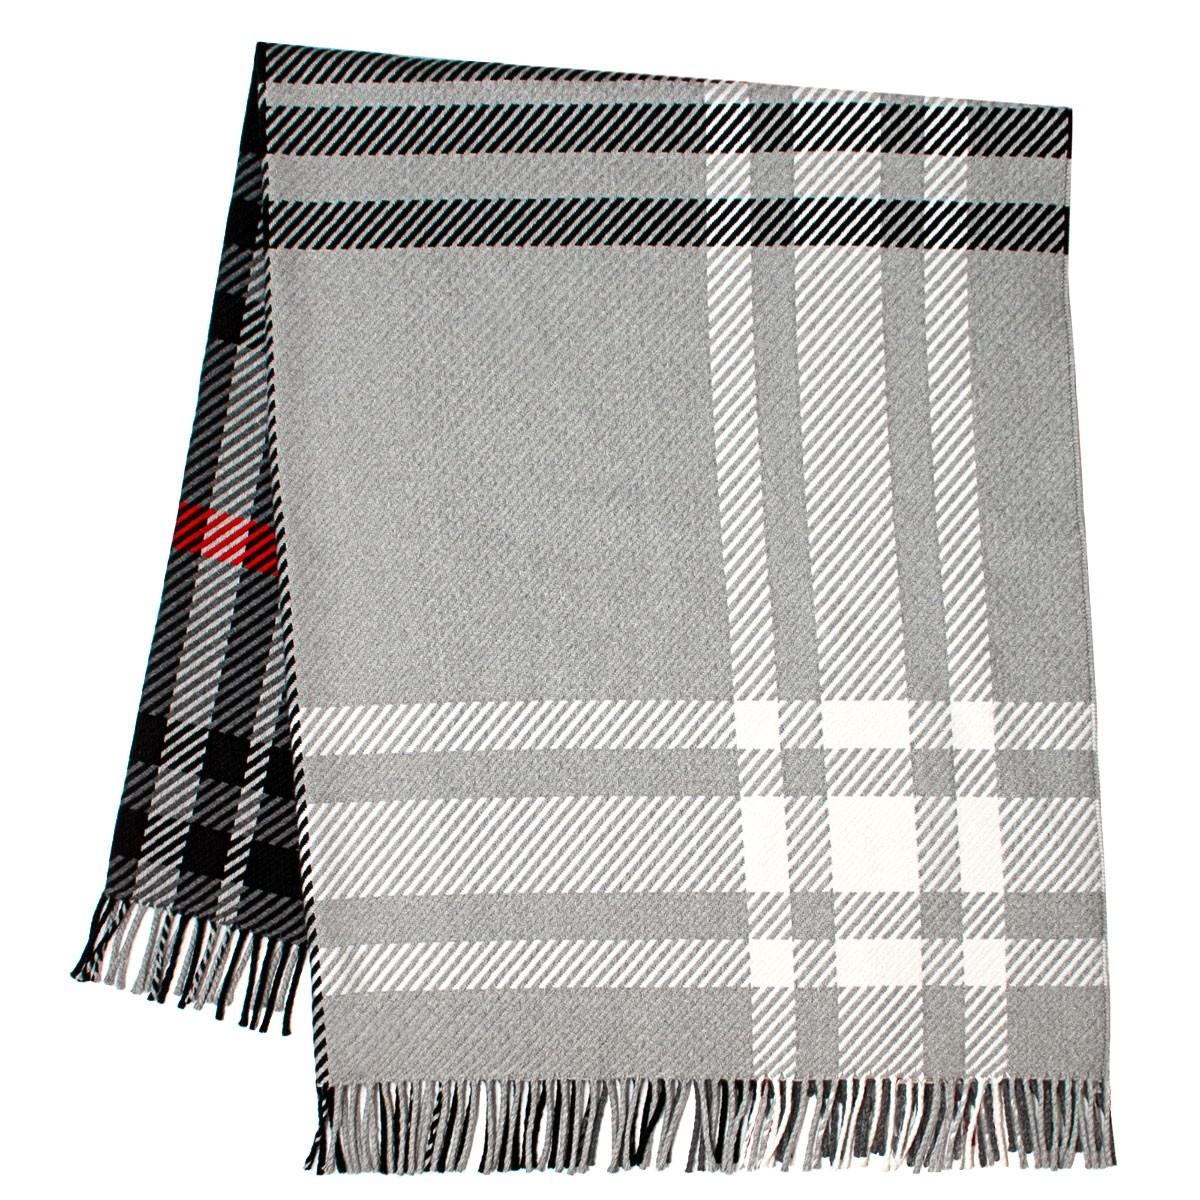 Darcy Lochcarron Graphite Tartan Luxury Superfine Wool Throw